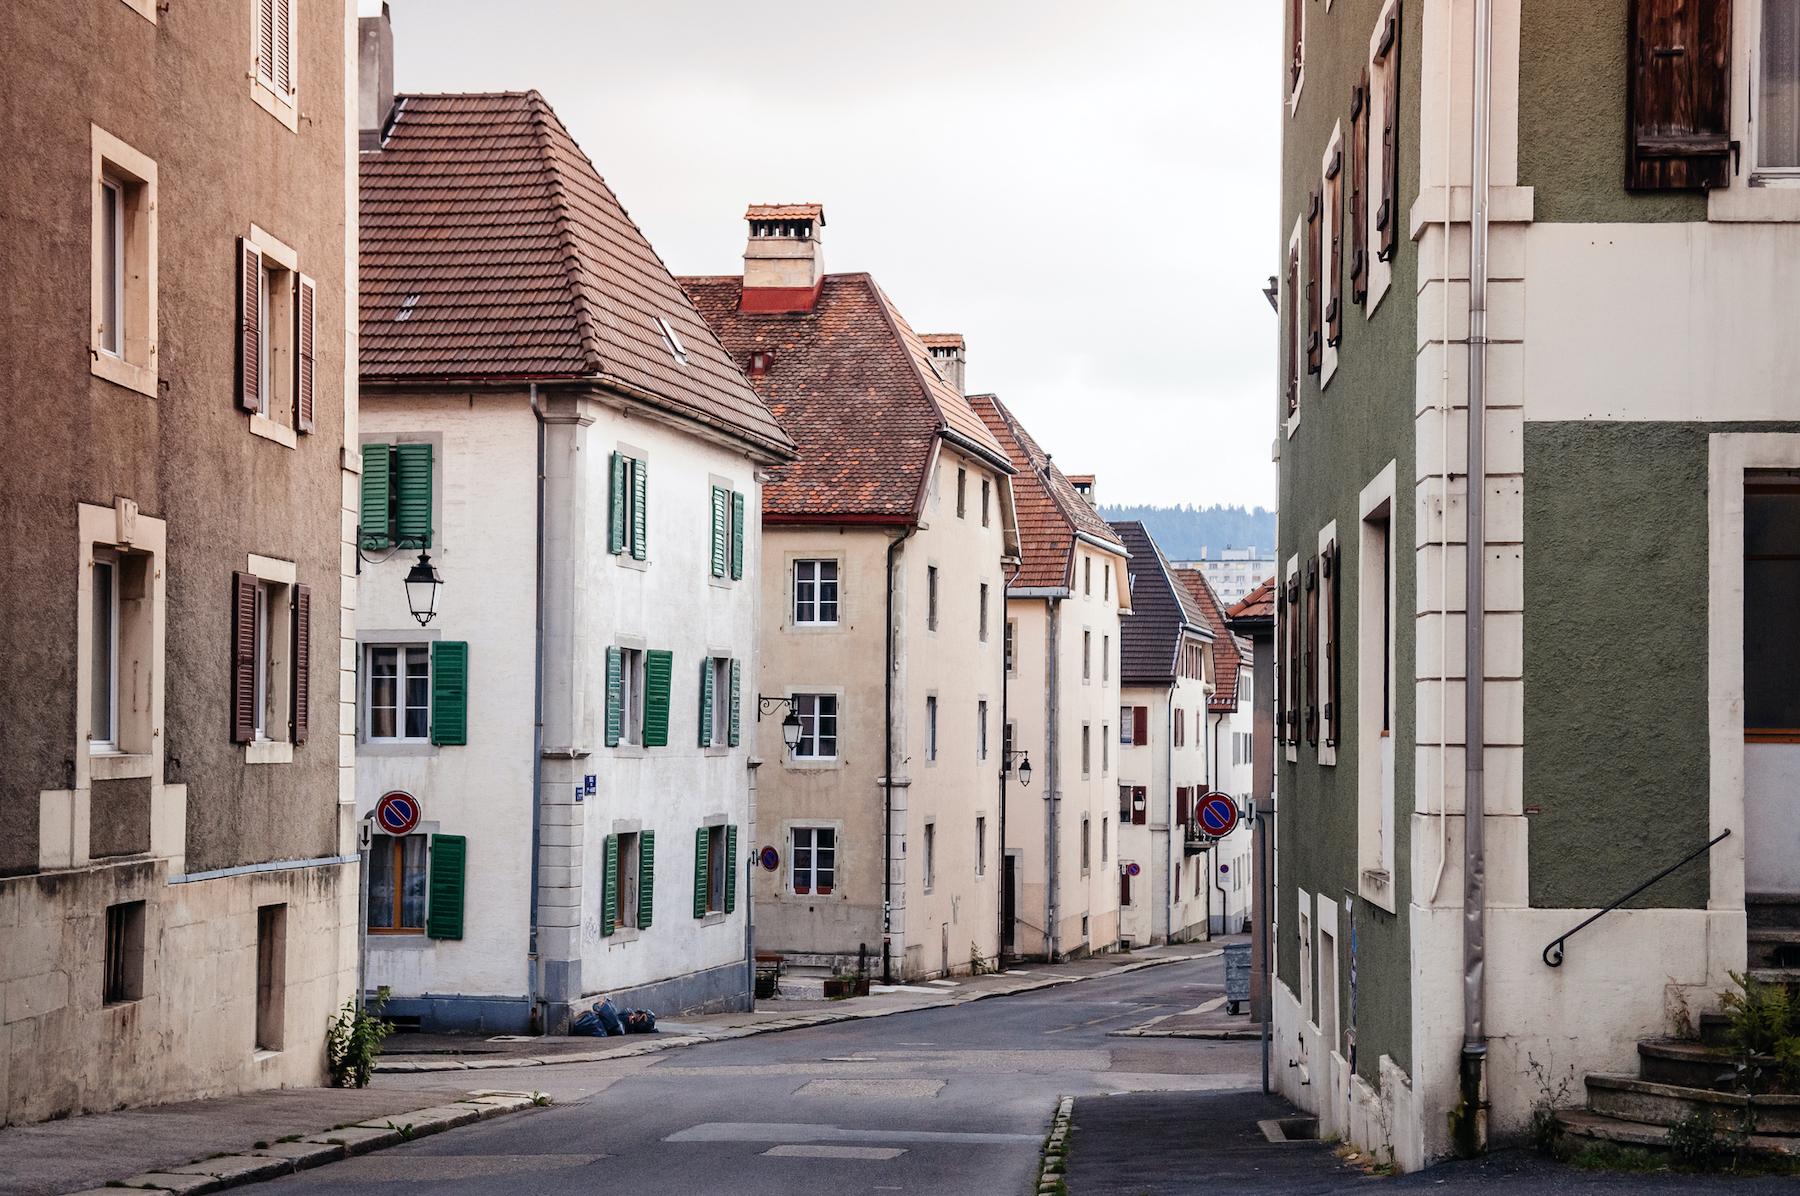 Old vintage building and street in La Chaux de Fonds